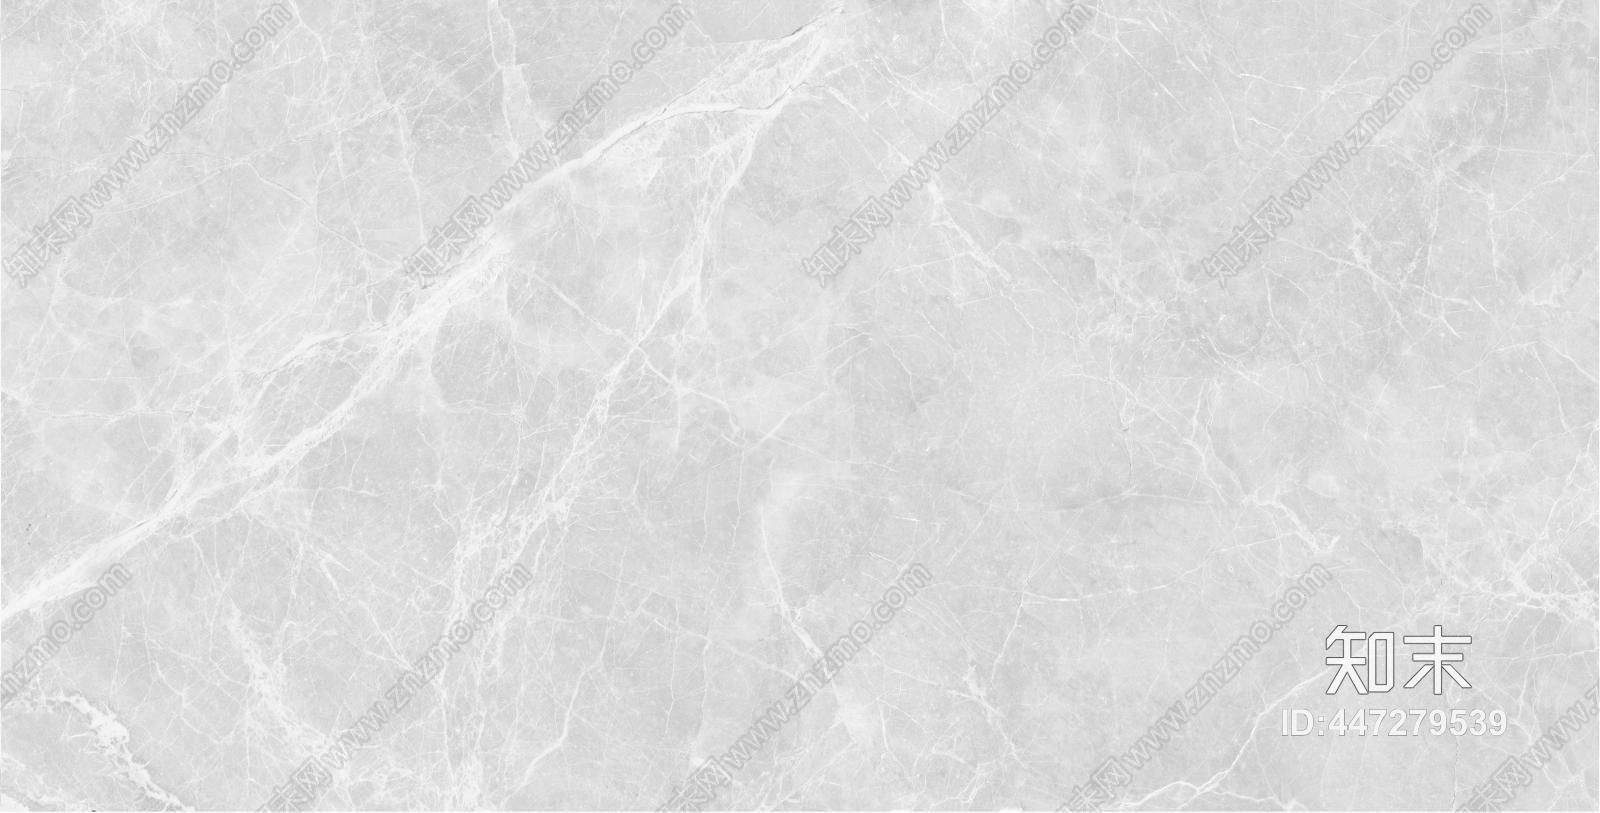 新中式灰色高清大理石瓷砖贴图贴图下载【ID:447279539】